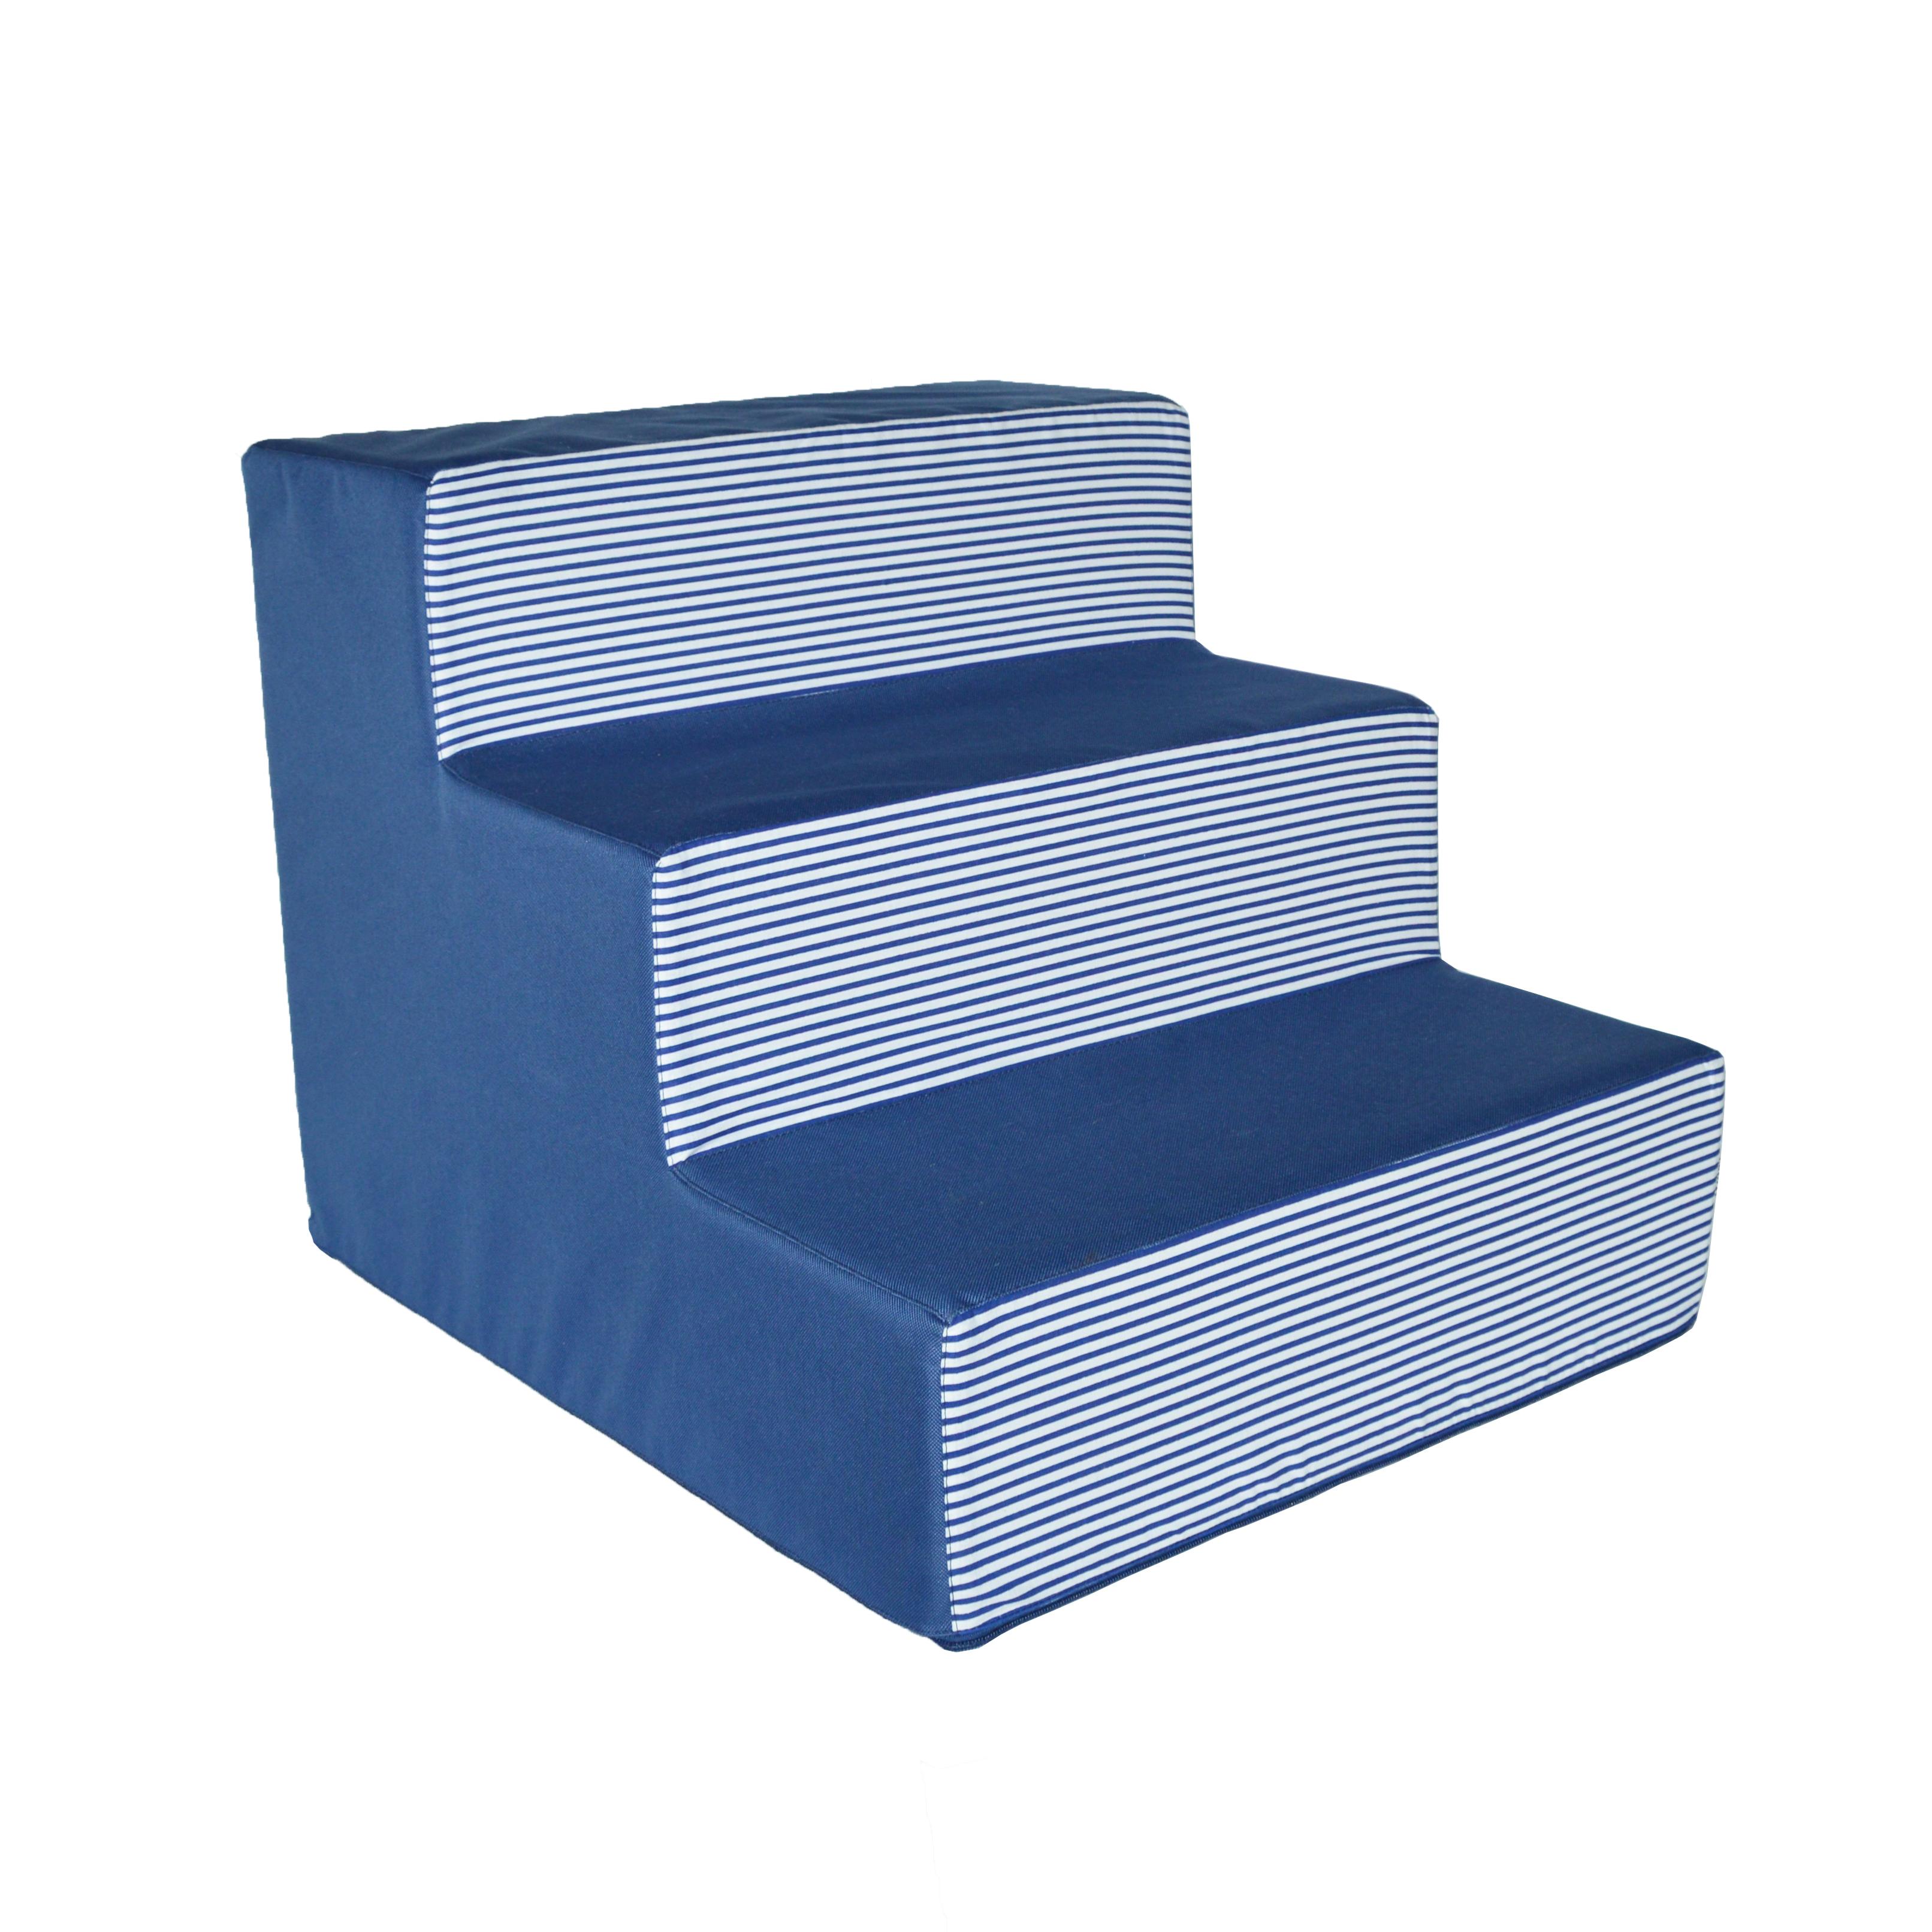 Schody pro psy no. 24, modré proužky, 1 malé